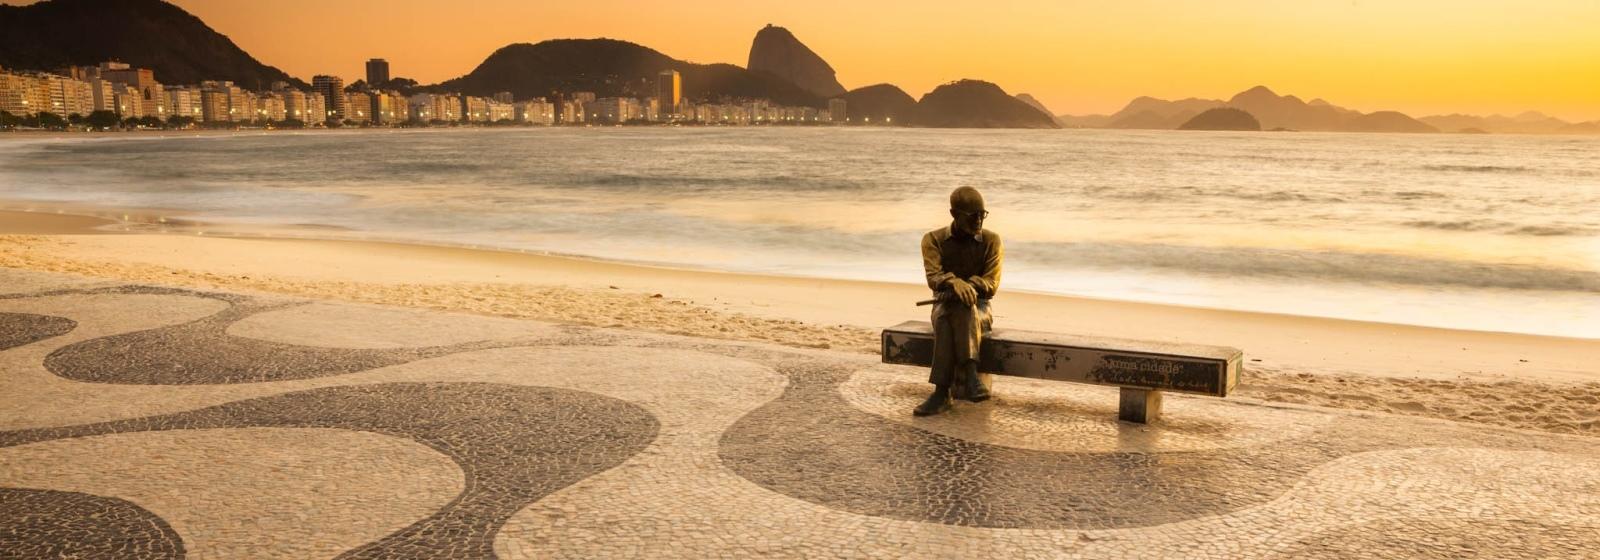 Estátua de Carlos Drummond